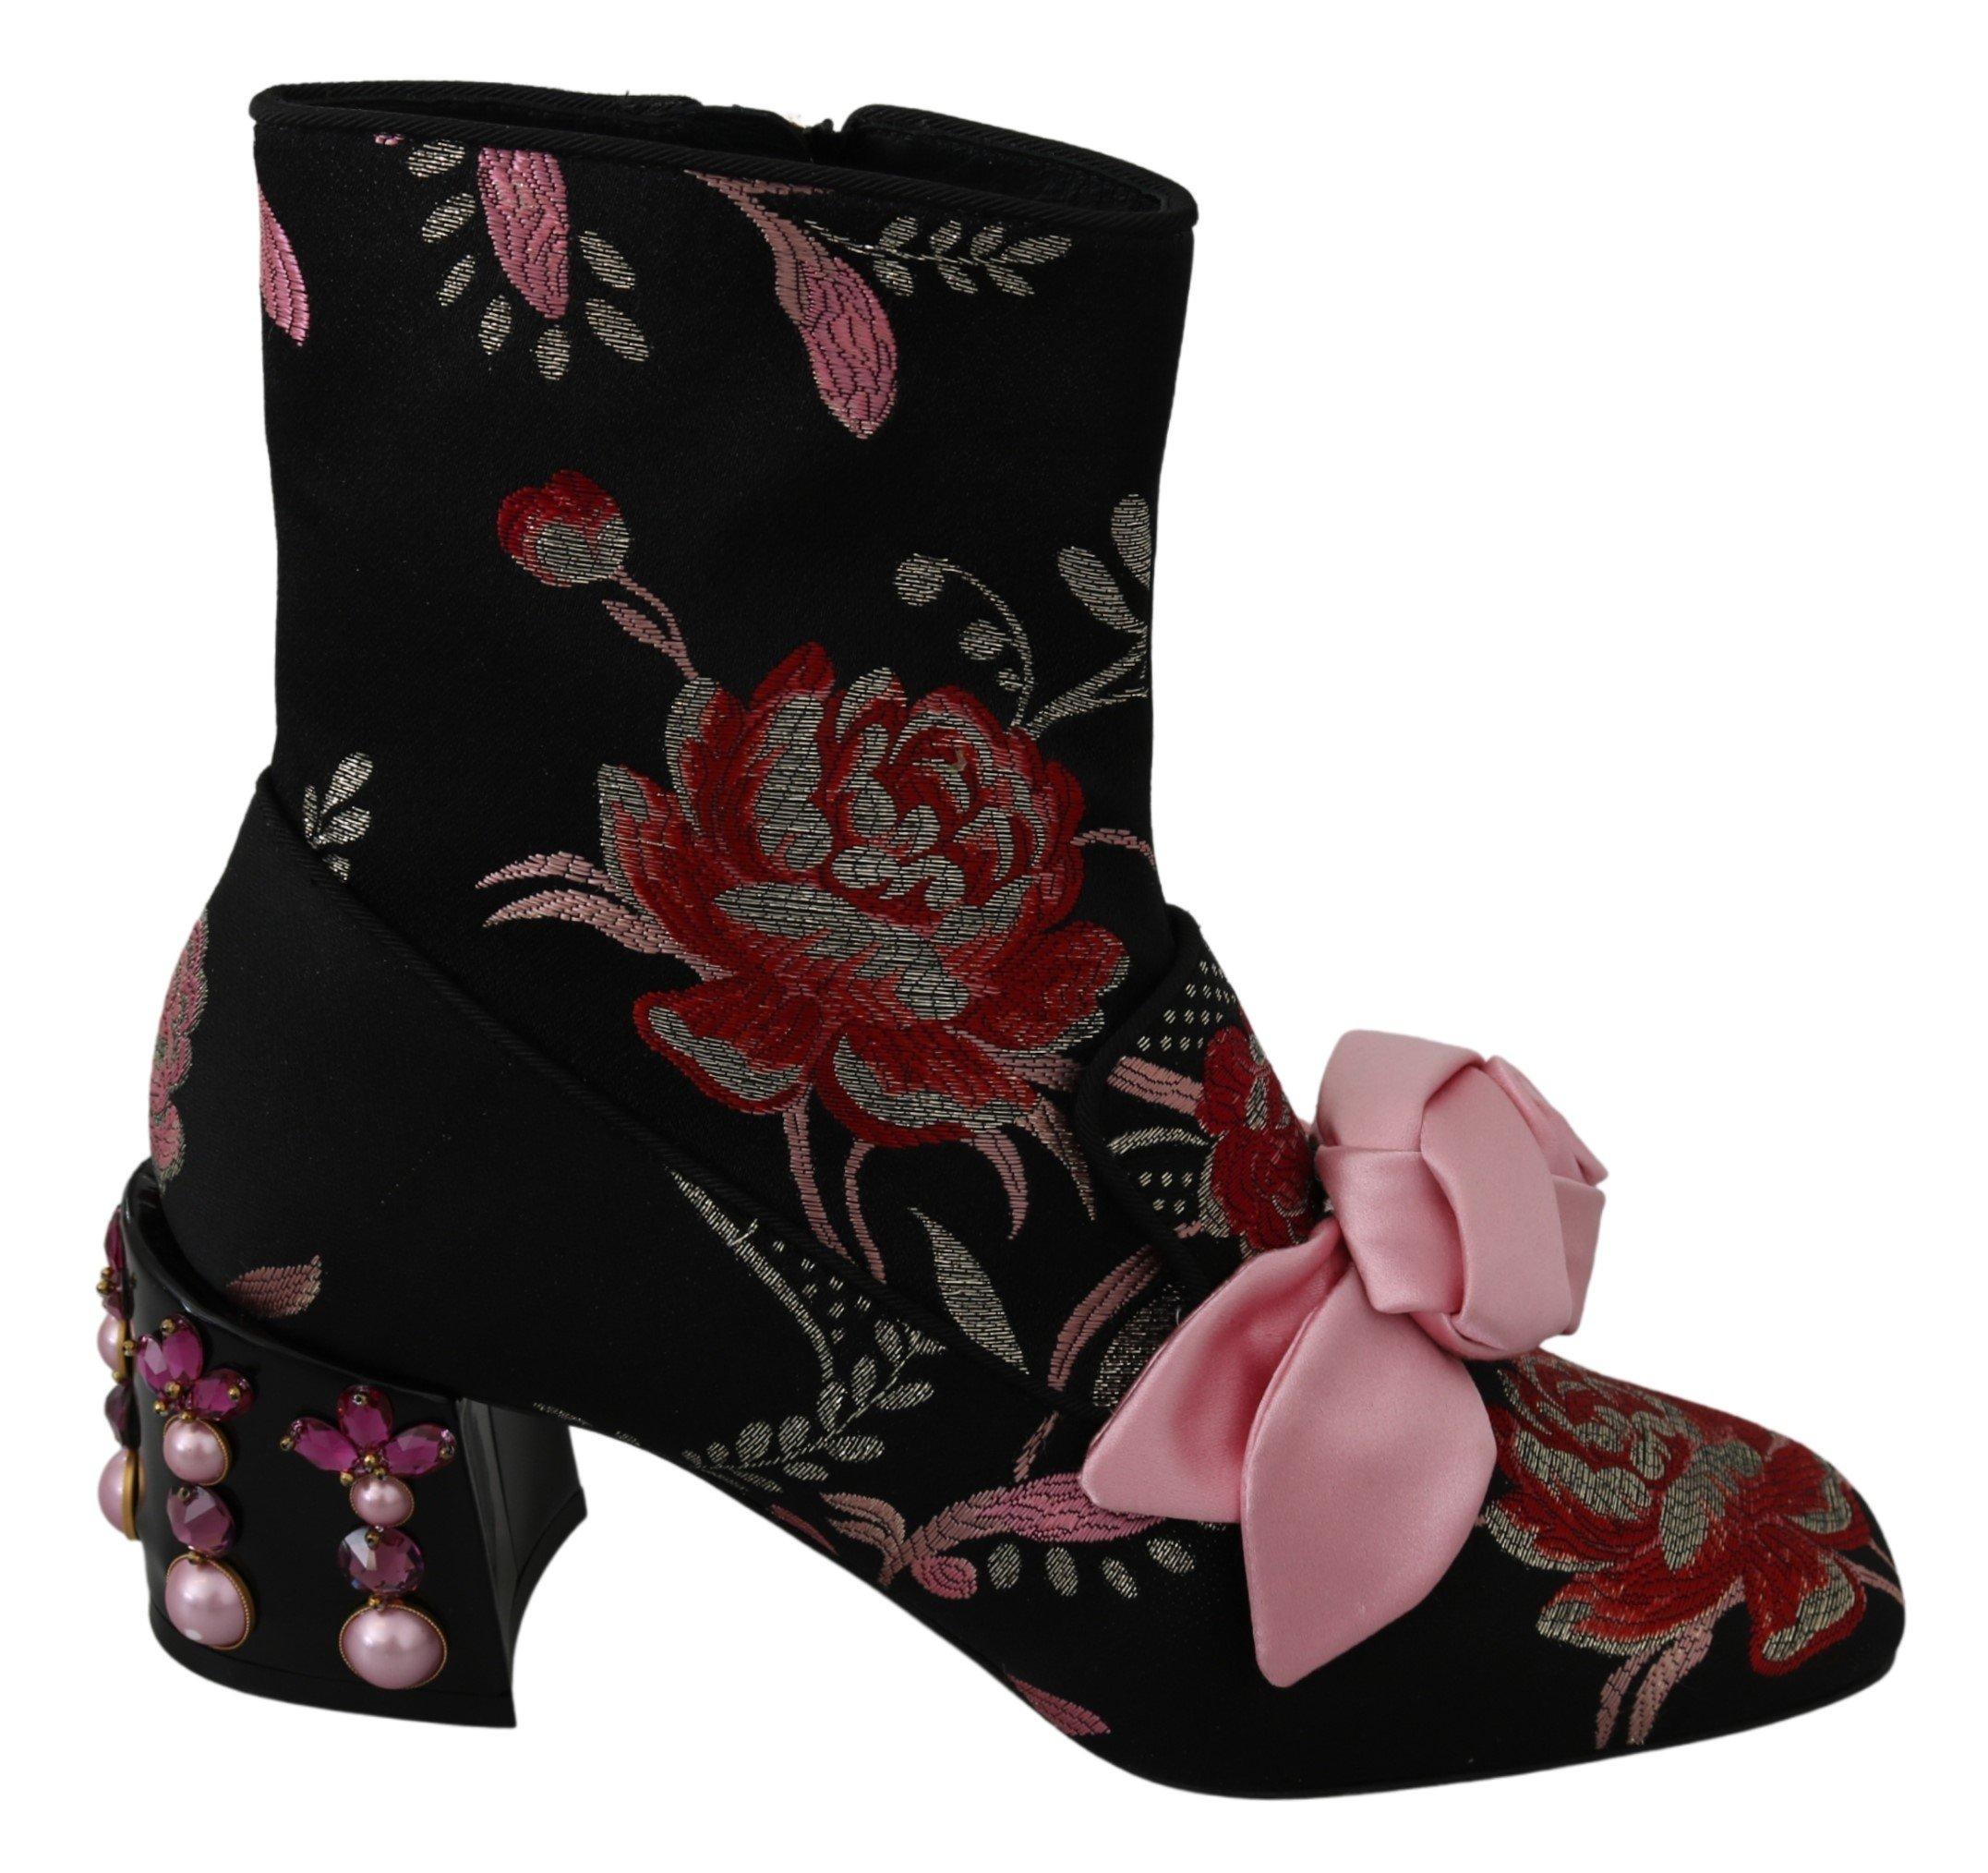 Multicolor Floral Jacquard Boots Shoes - EU39/US8.5